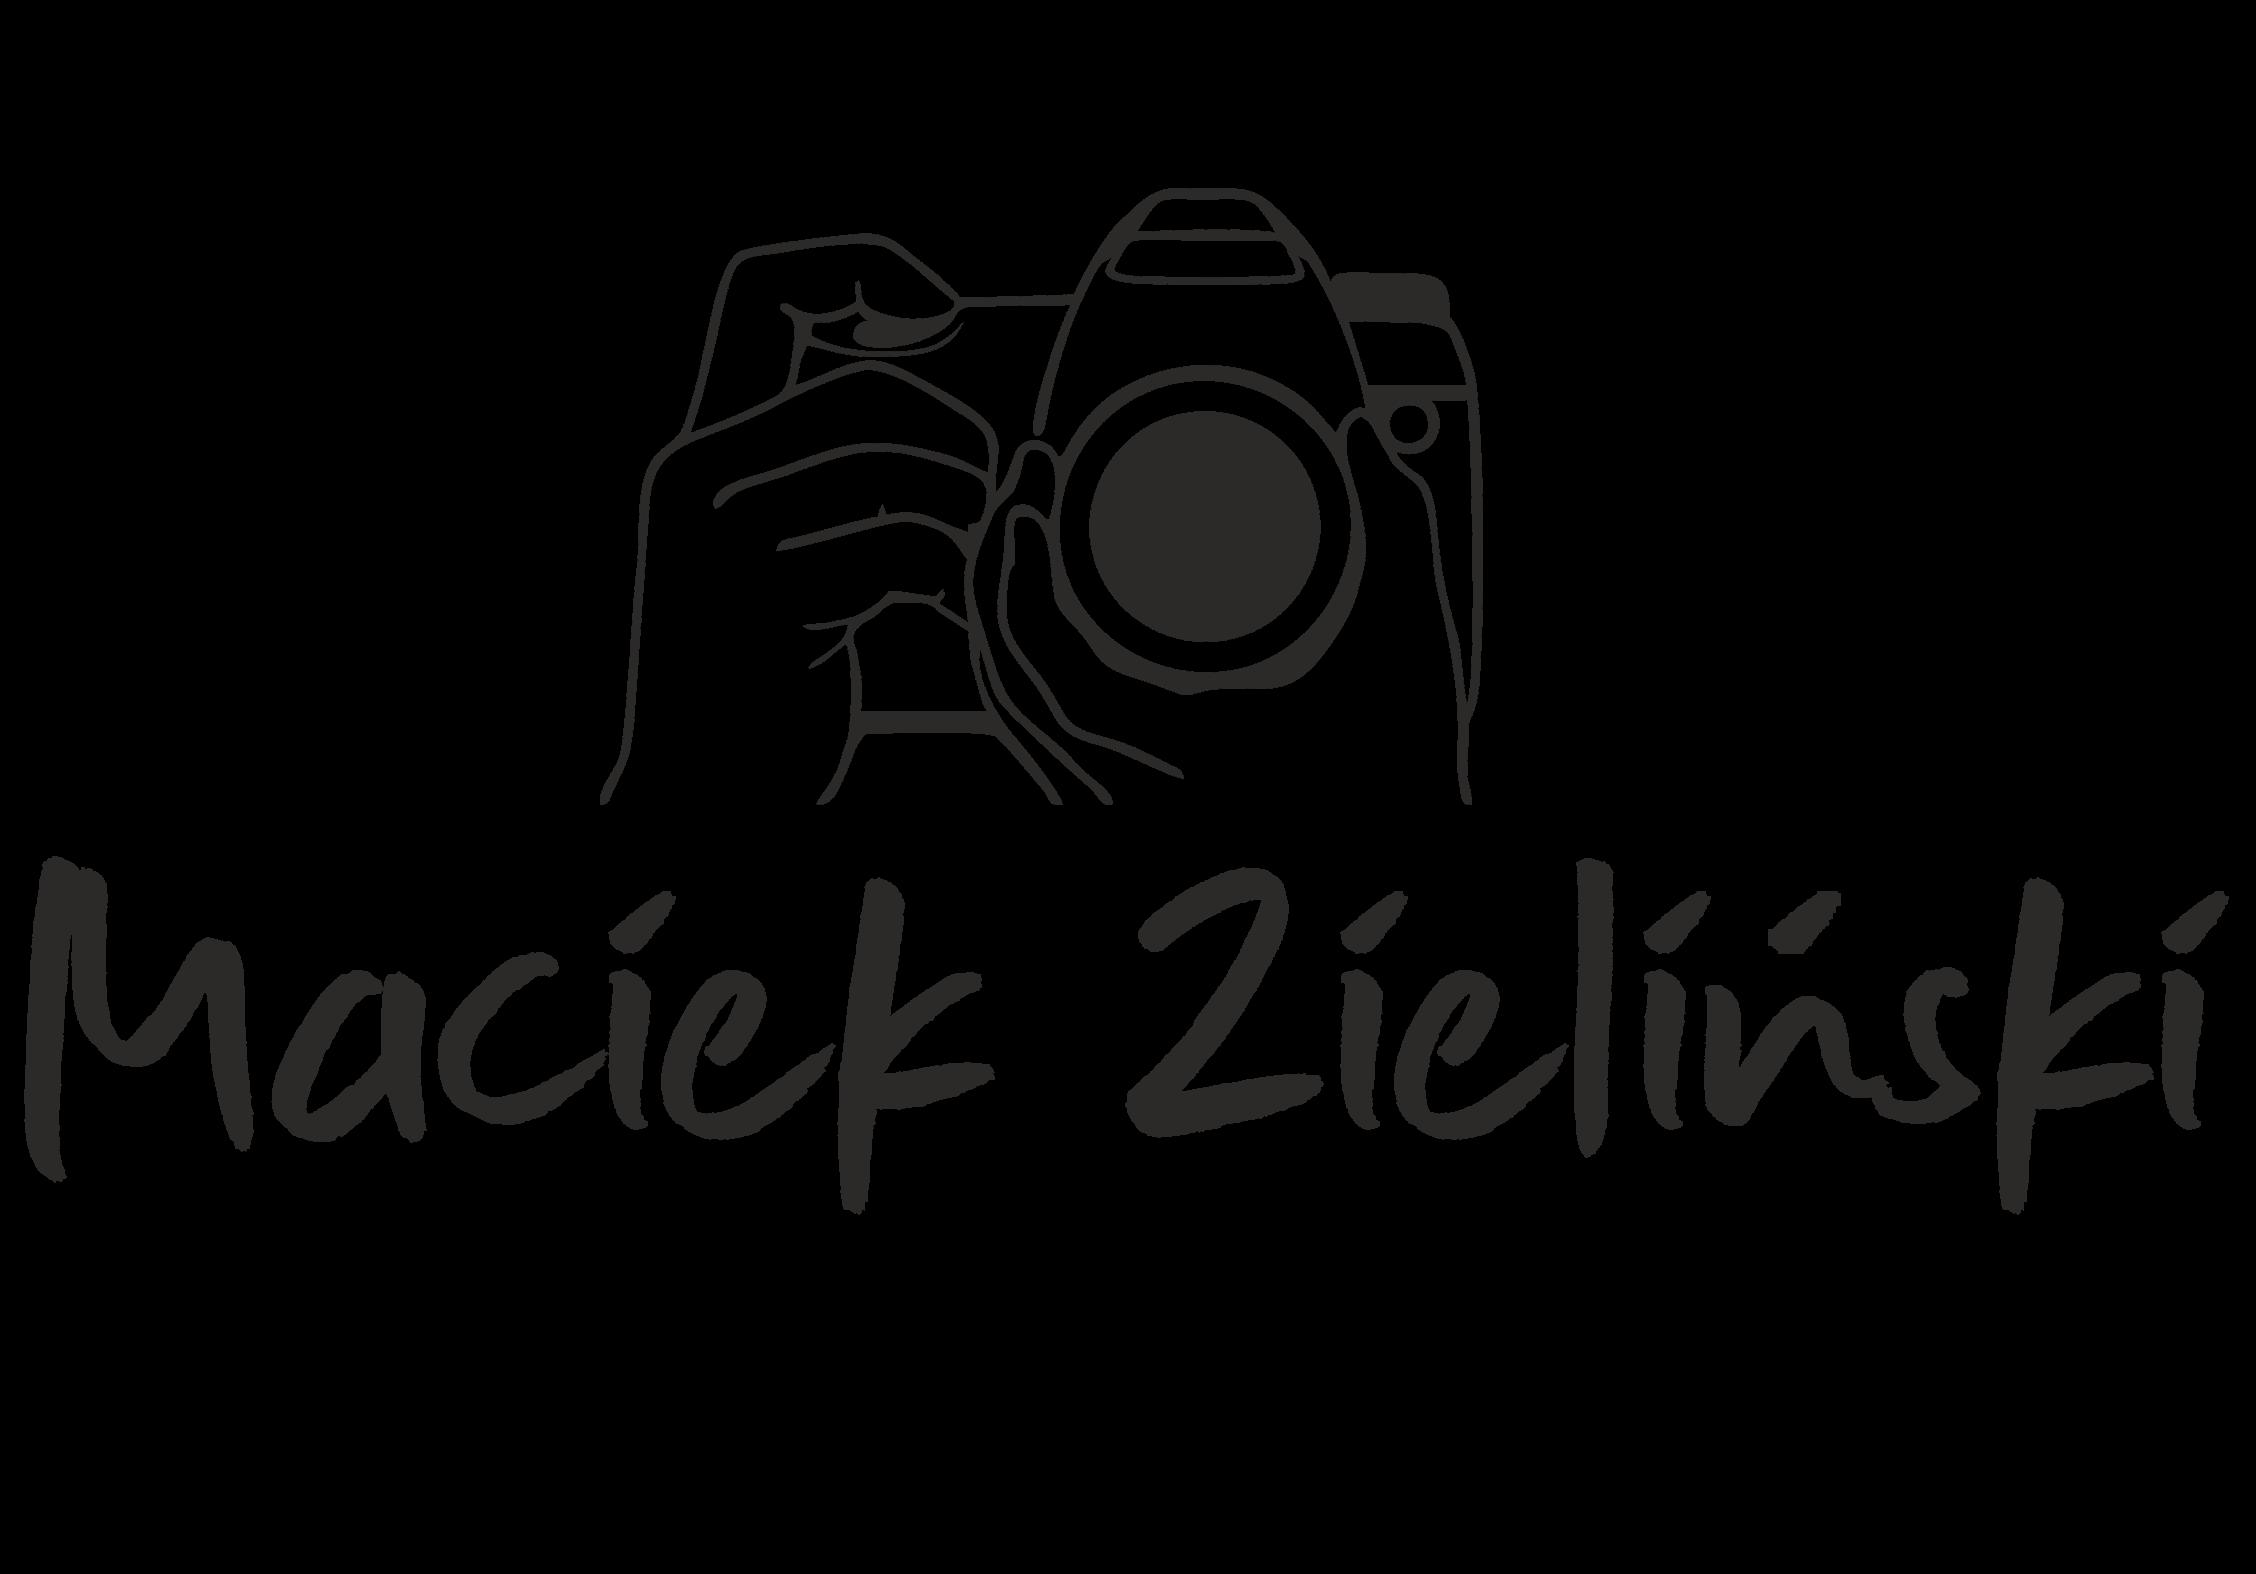 Maciek Zieliński Fotografia Toruń